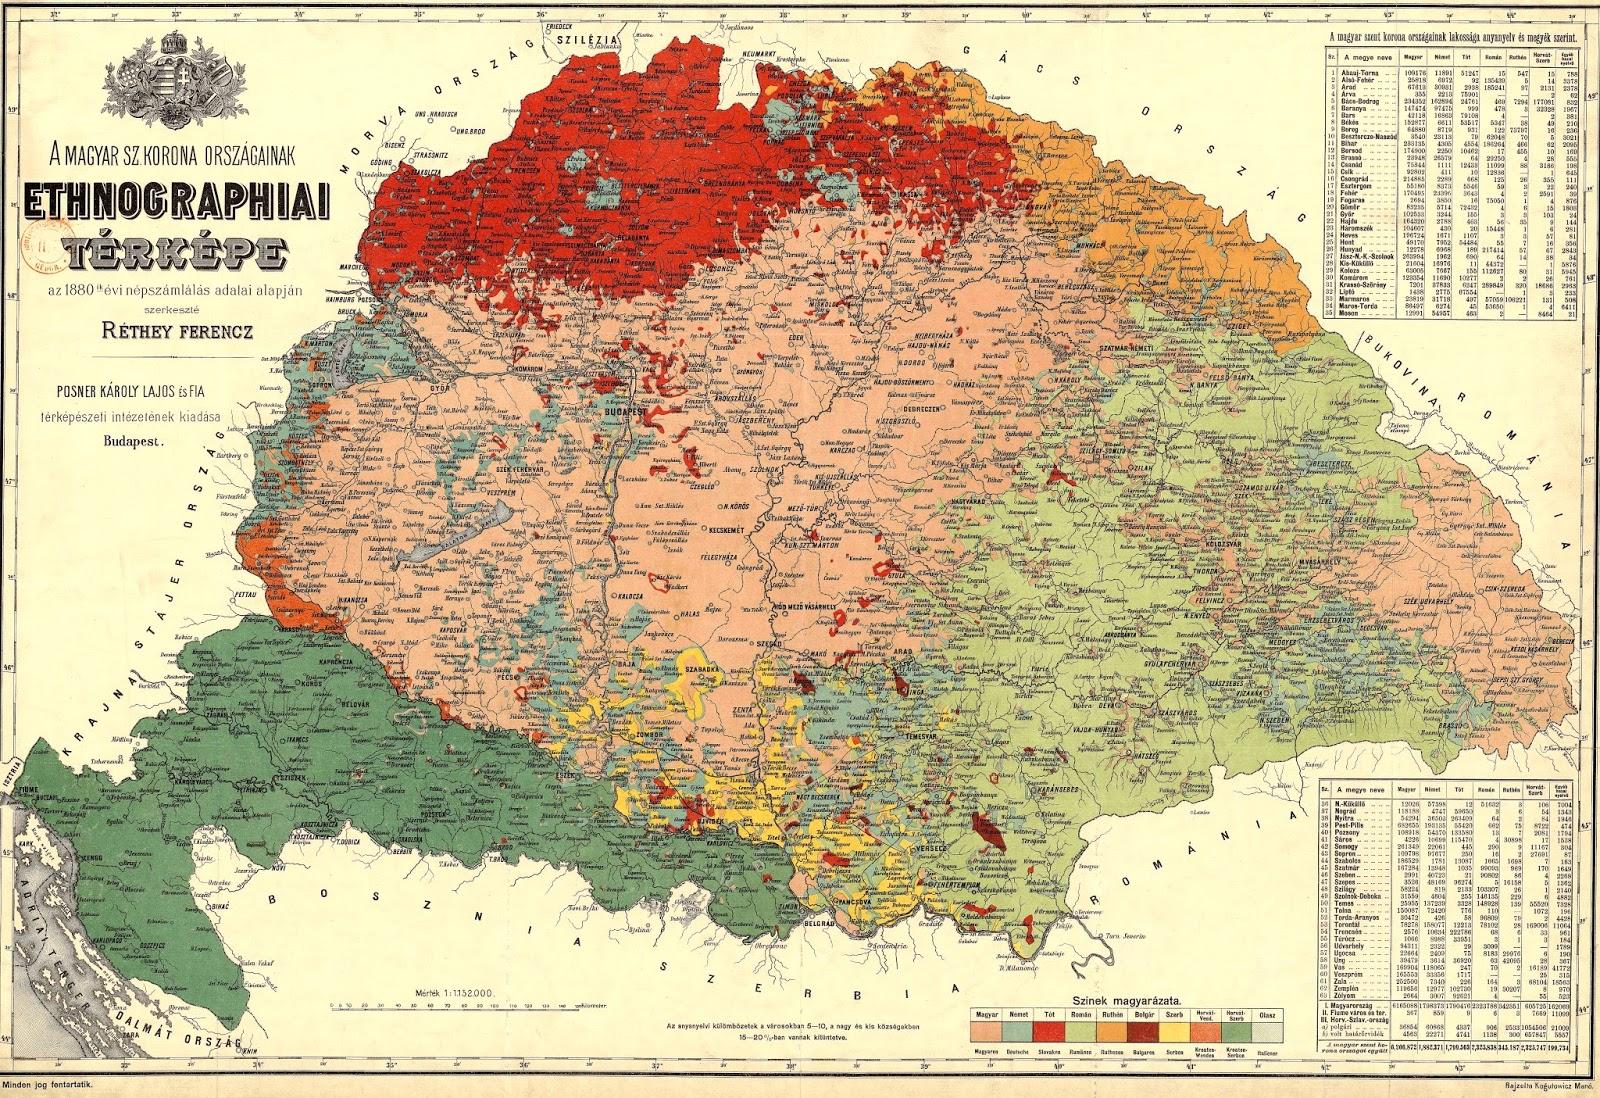 magyarország térkép 1864 Gesztes.hu: Várgesztes környékének etnográfiai viszonyai 1880 ban  magyarország térkép 1864